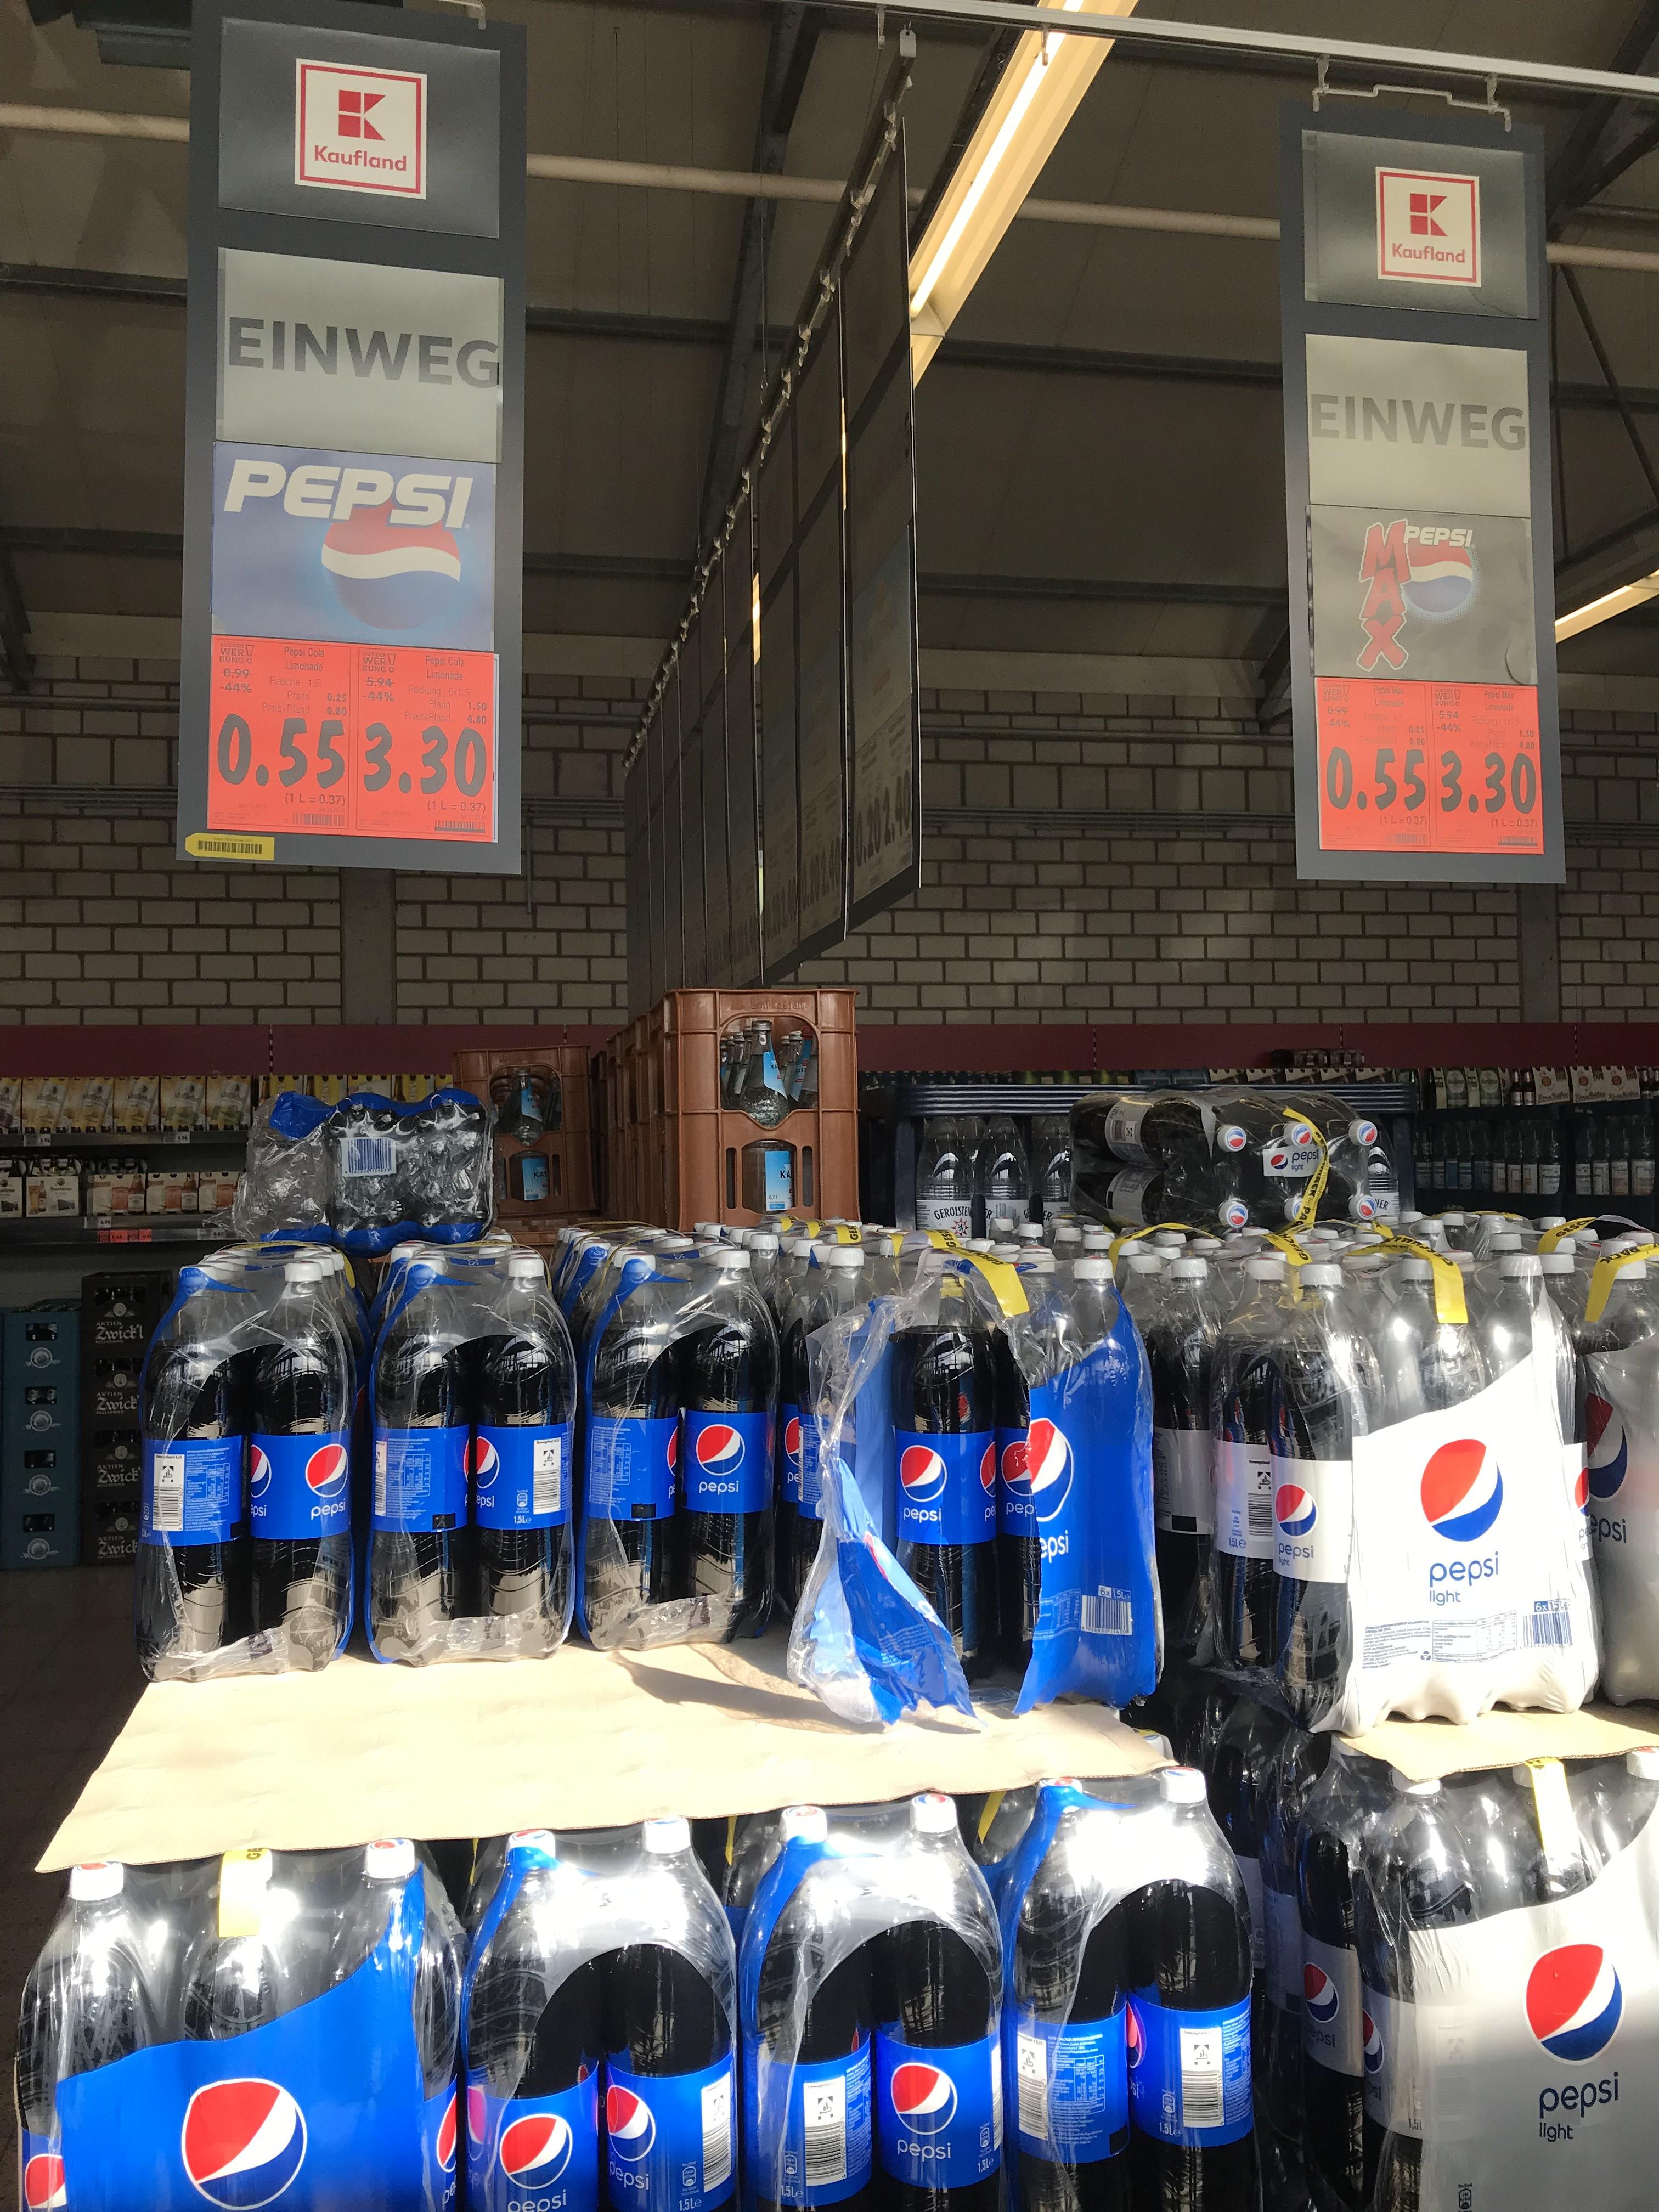 [Grensdeal Duitsland Kaufland] Pepsi cola of 7 Up 1.5 liter voor 0.55